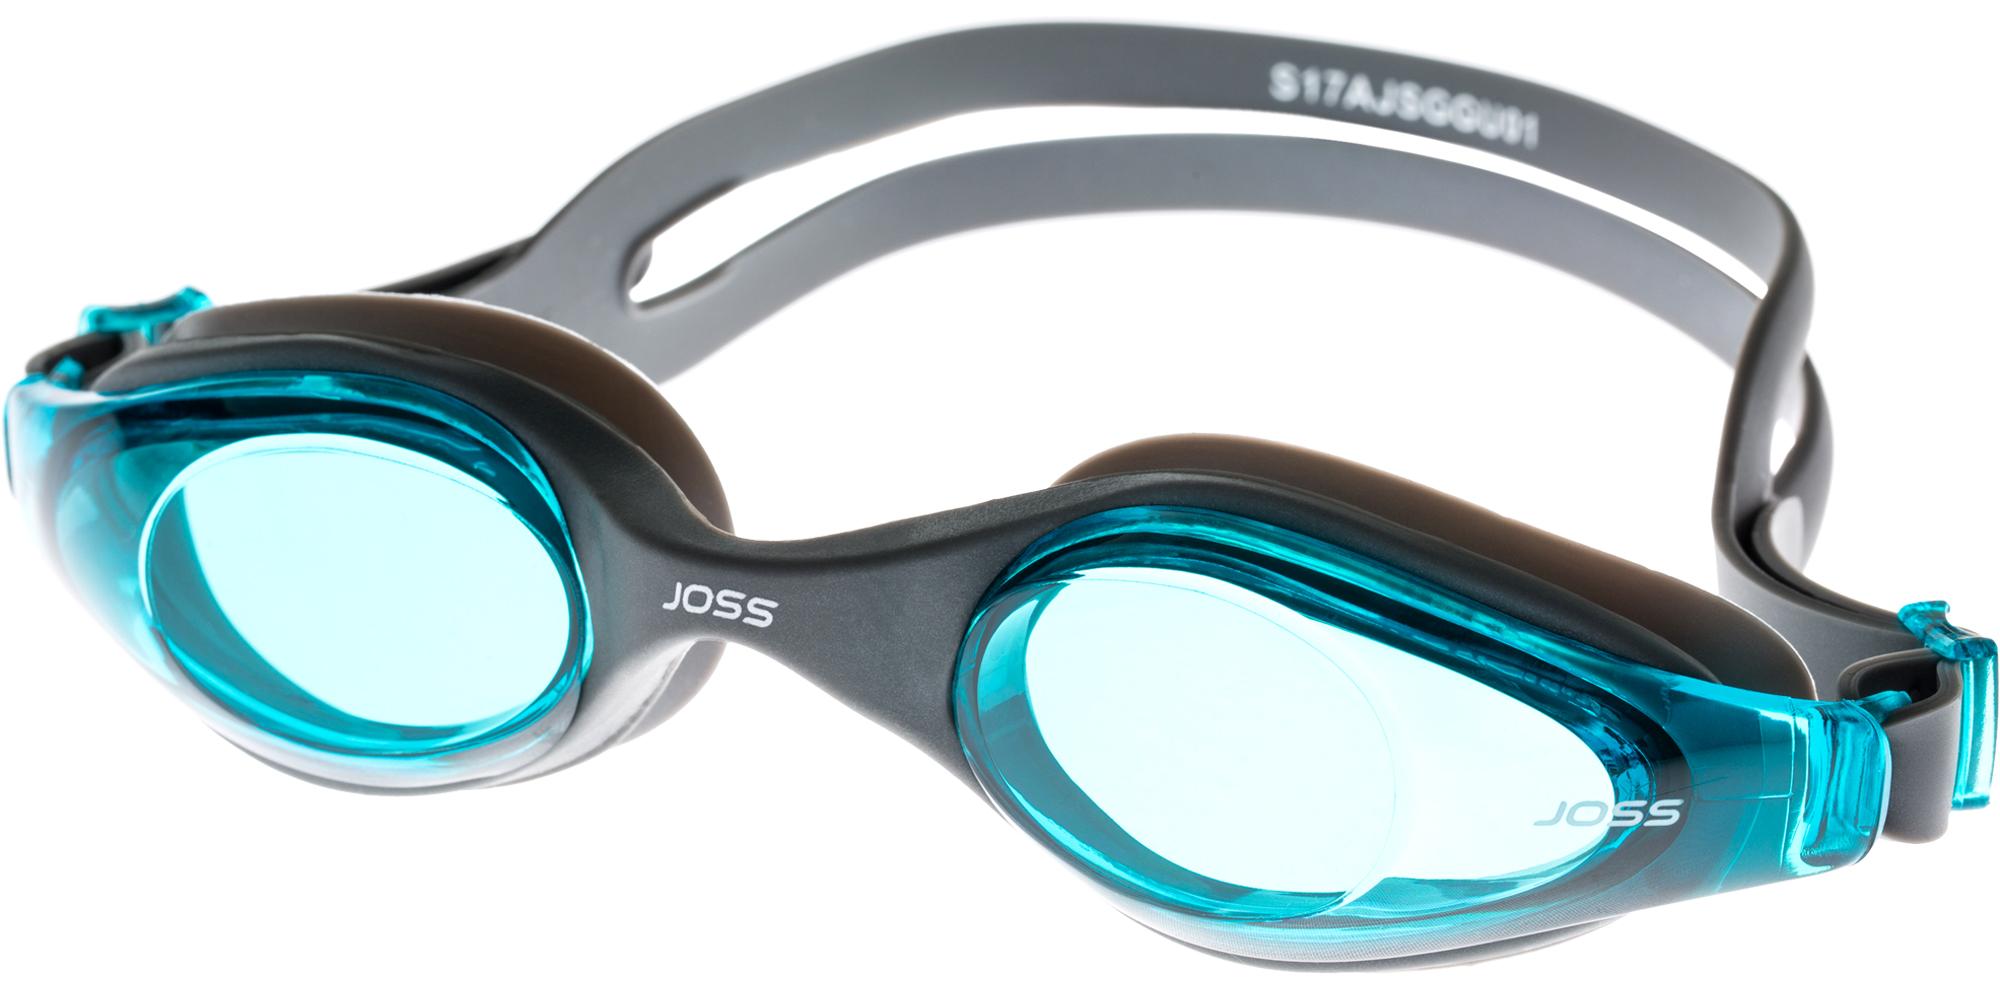 купить Joss Очки для плавания Joss по цене 499 рублей